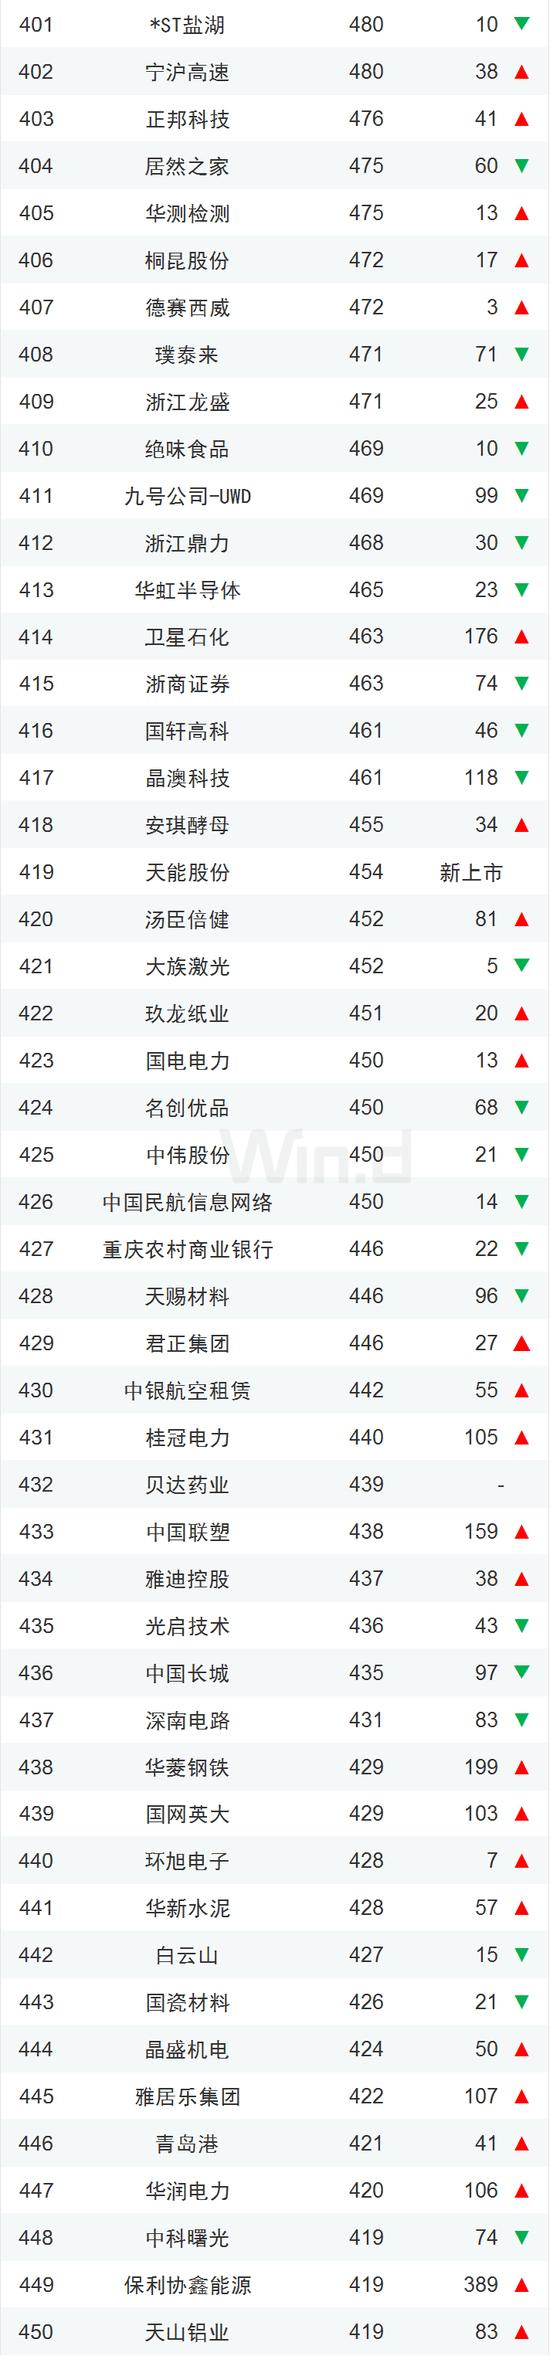 中国企业市值500强一览:腾讯阿里霸榜、茅台紧随其后的照片 - 10